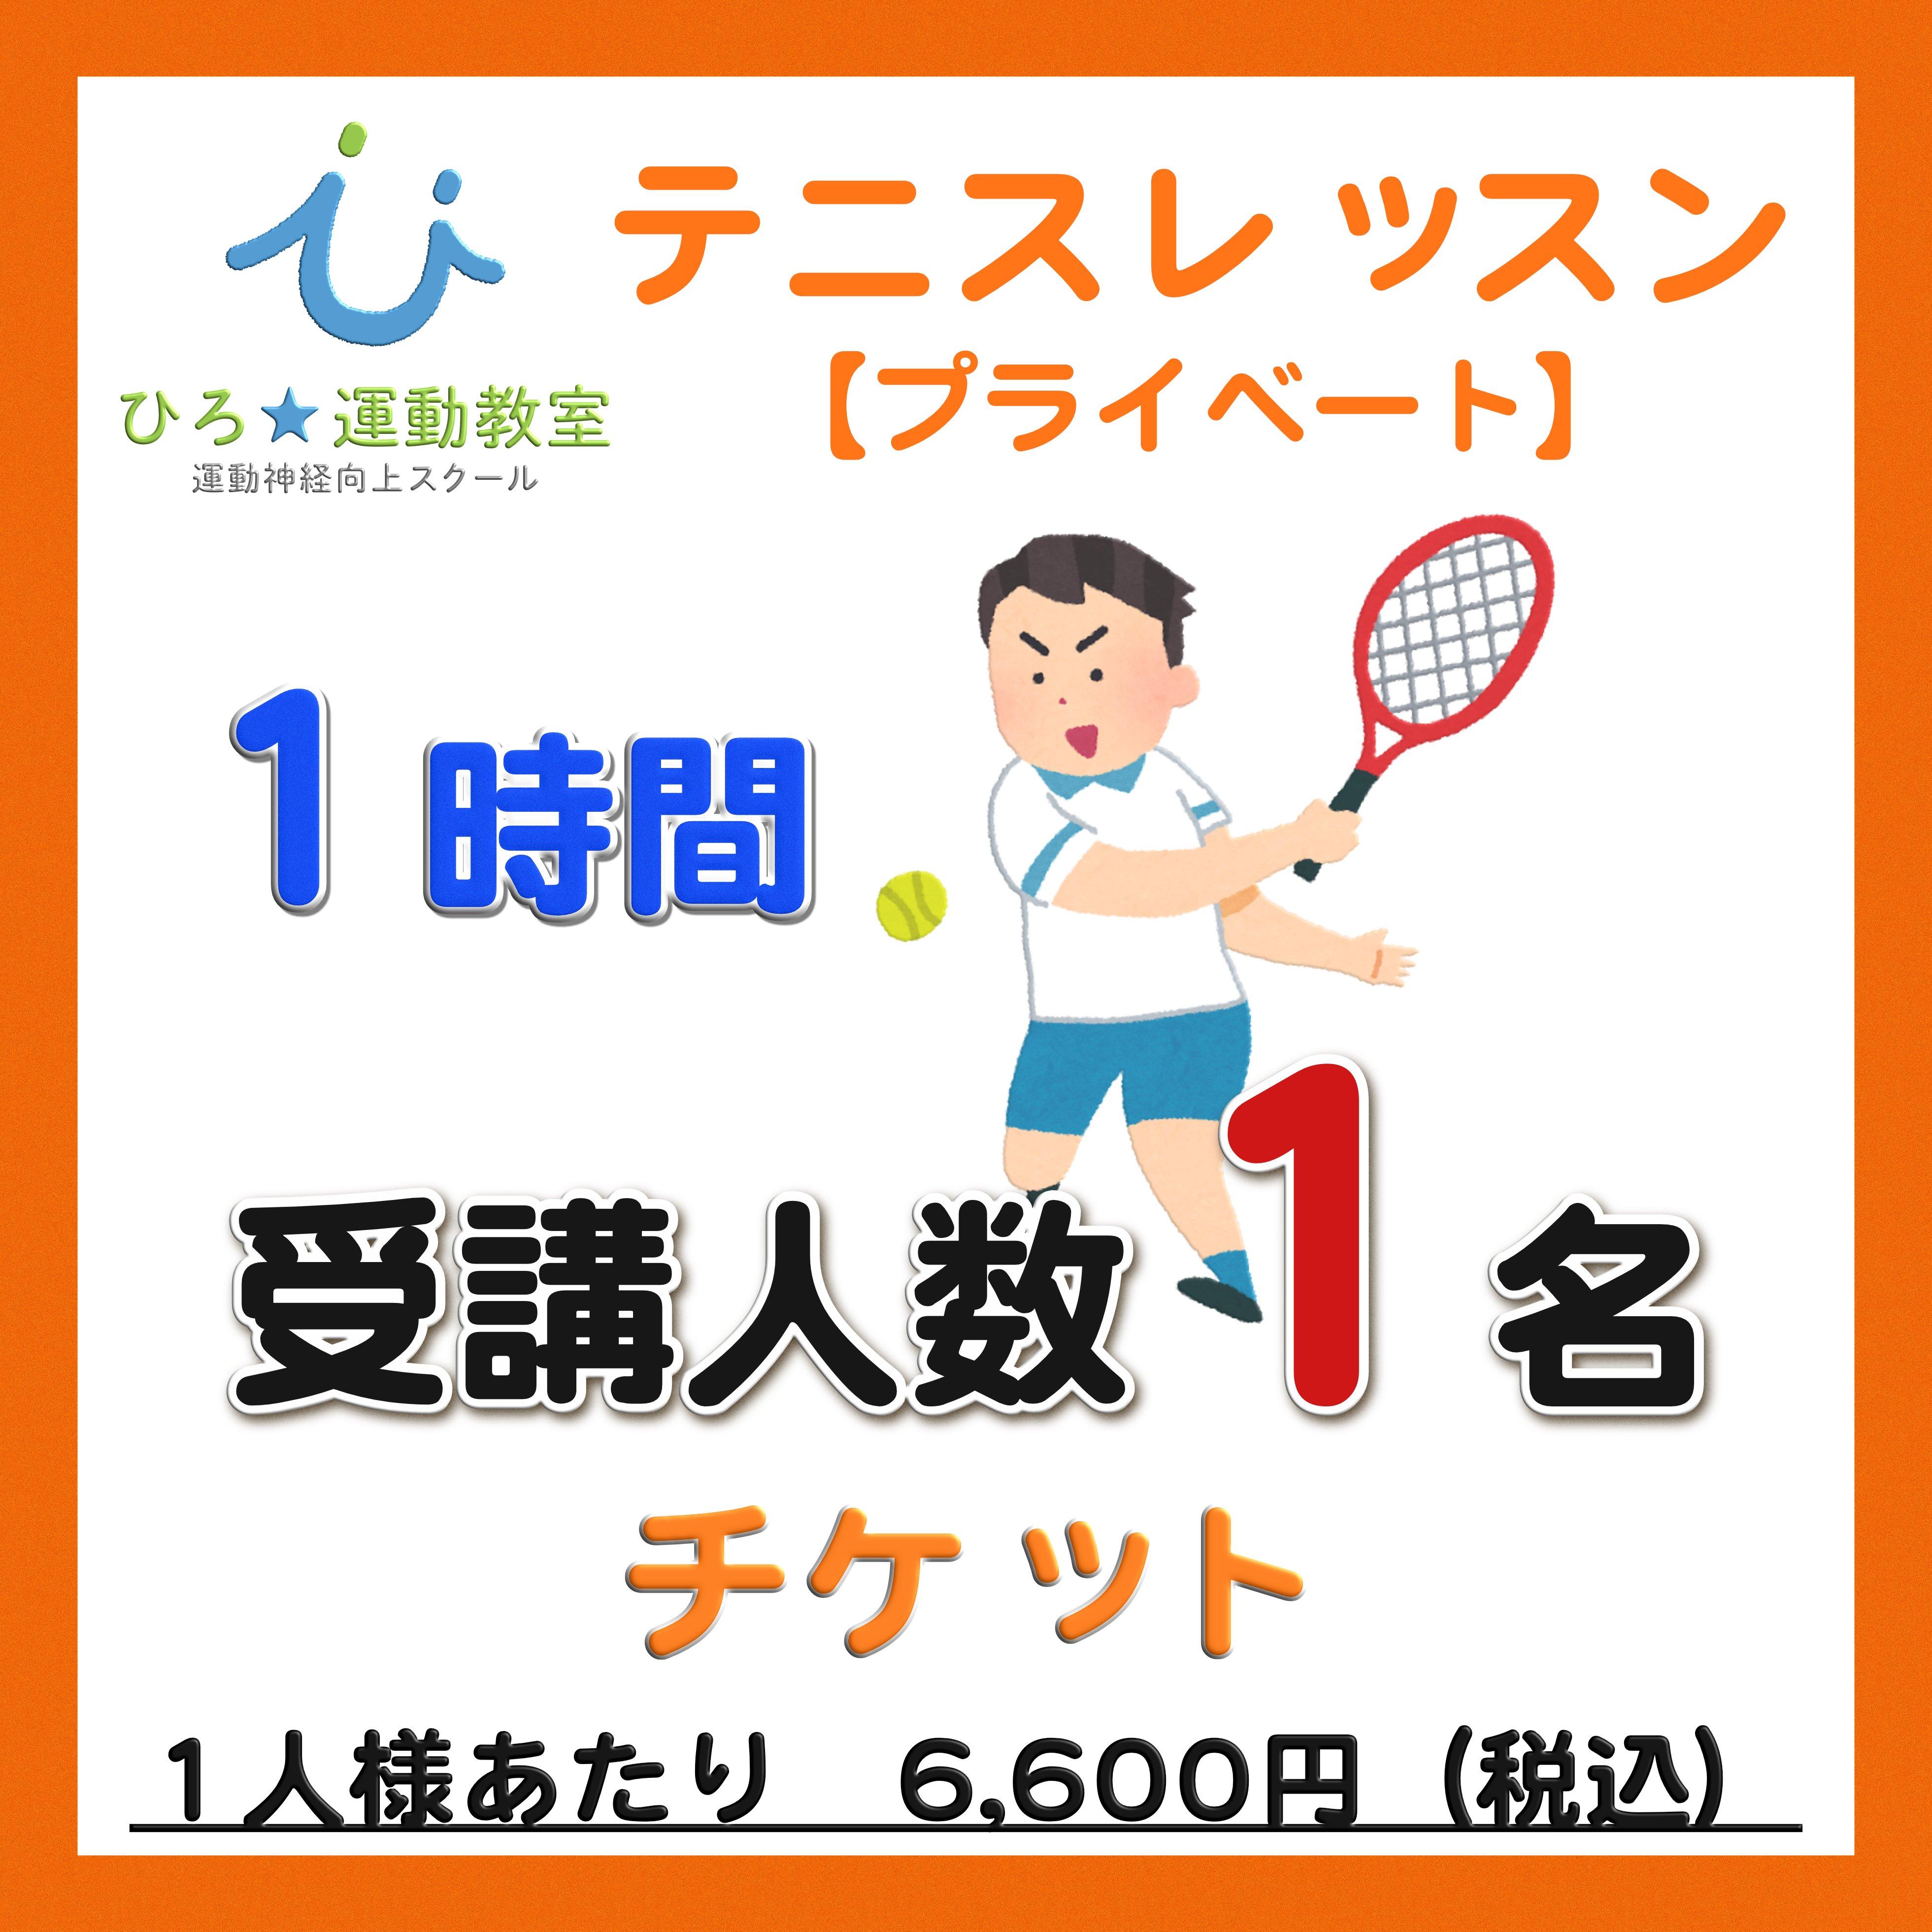 【テニスレッスン】1時間1名のイメージその1